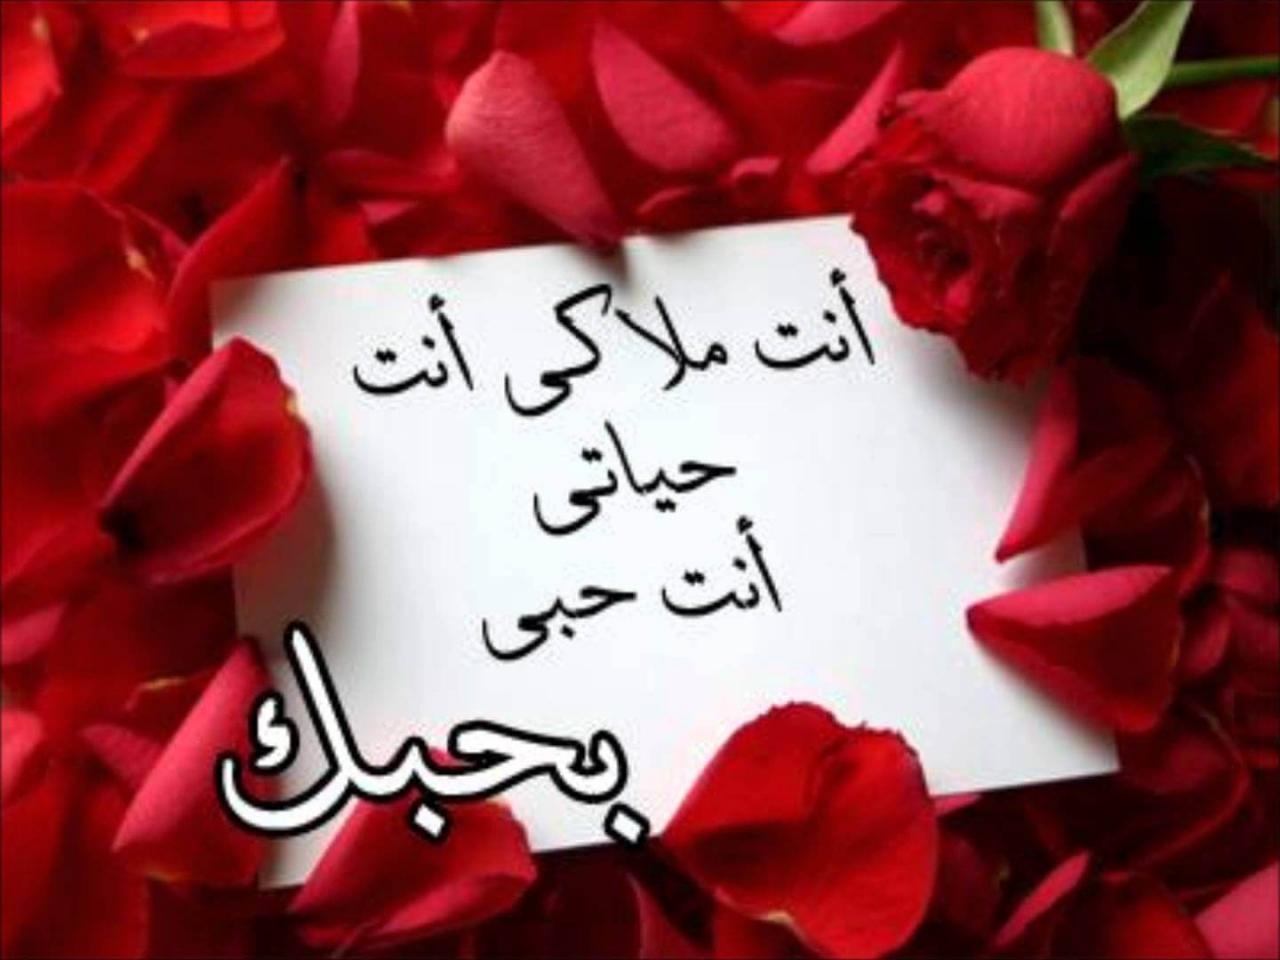 رسائل صباح الخير للزوج وعبارات رومانسية لأقصى درجة